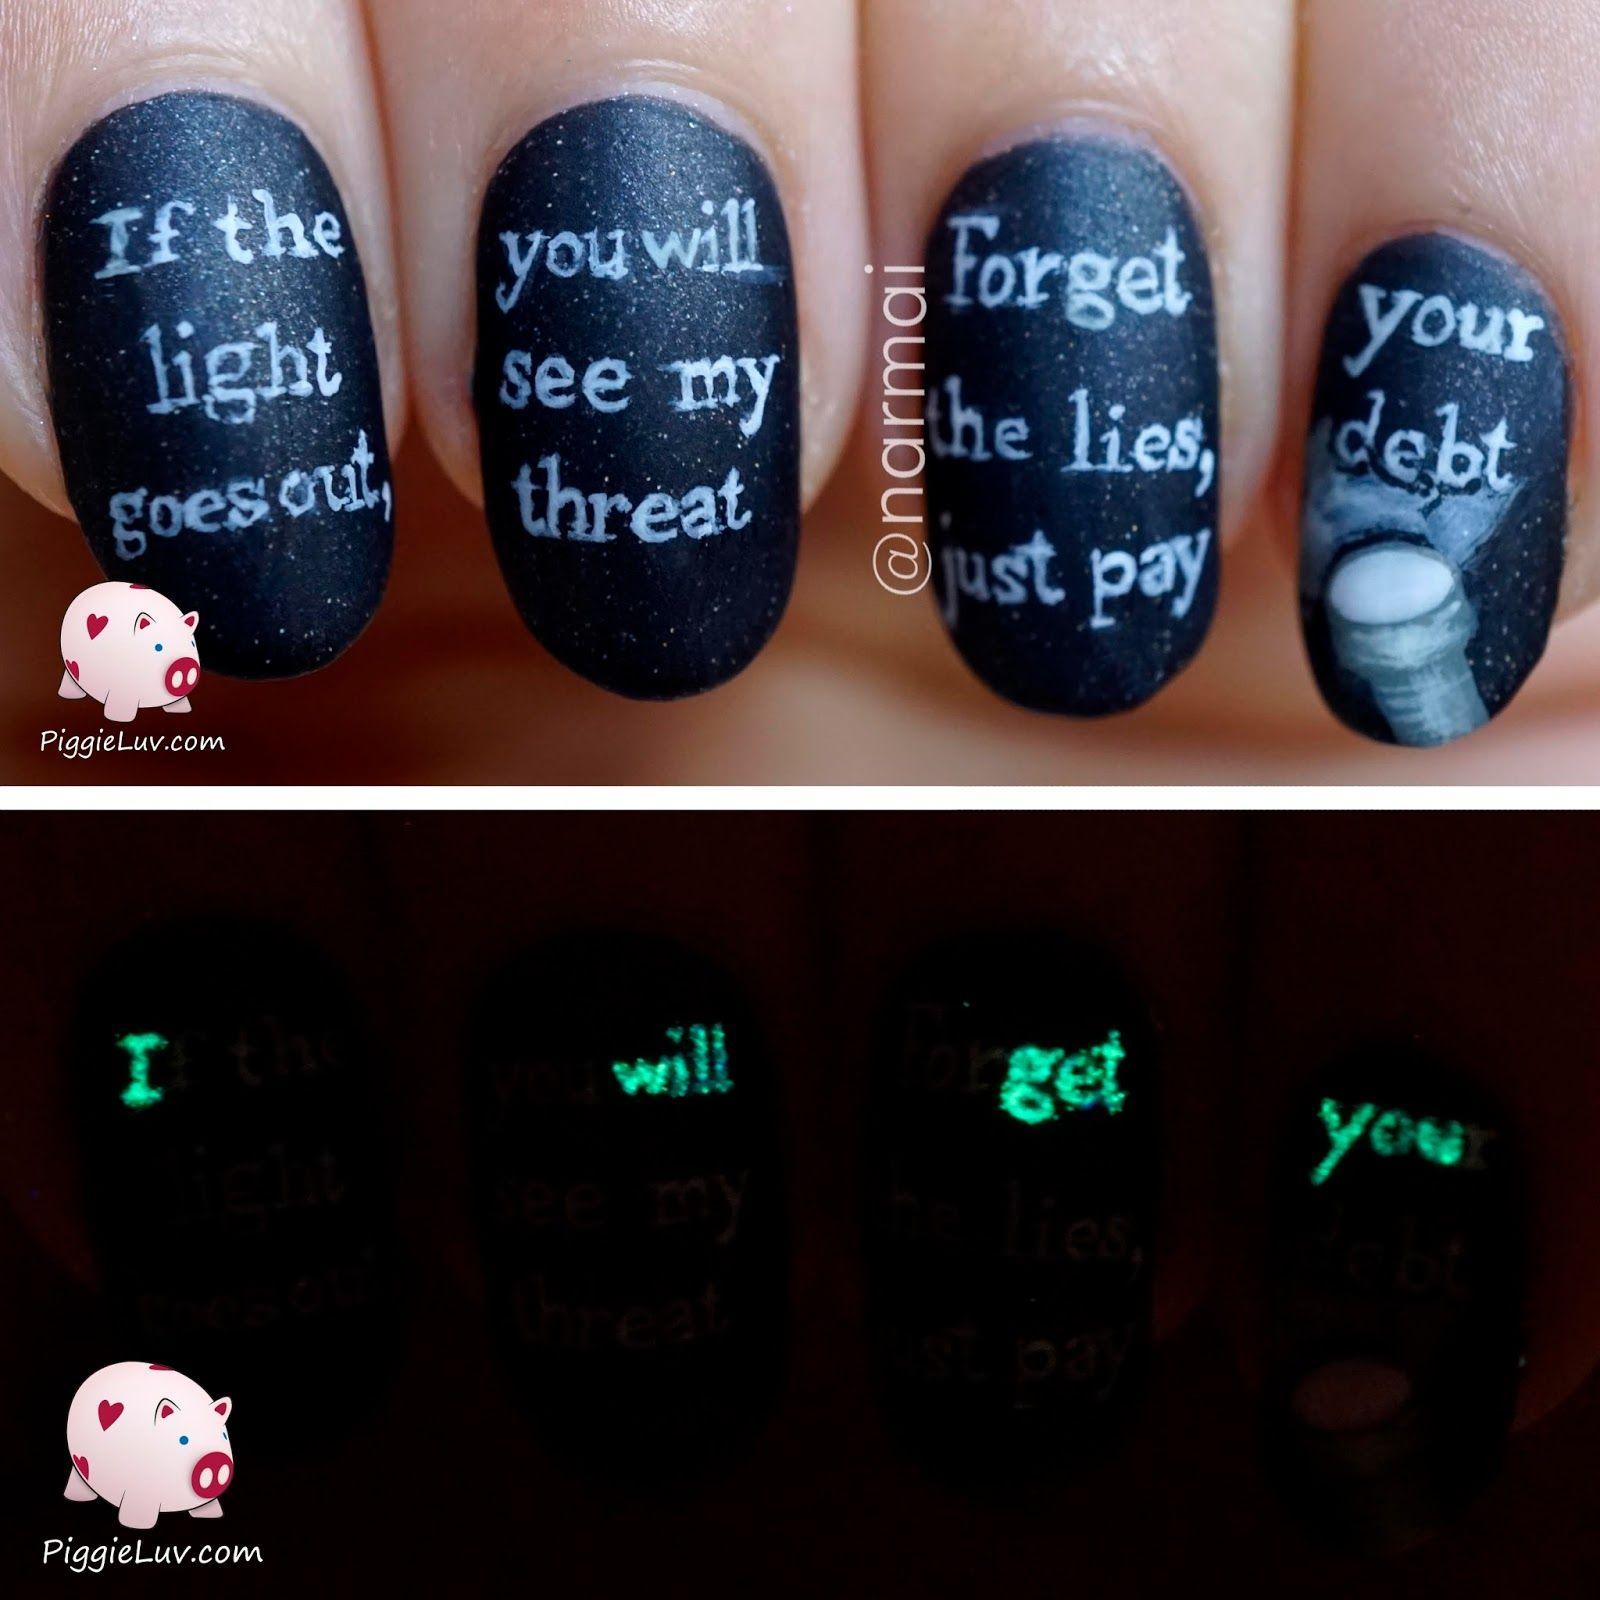 Glow In The Dark Threat Message Nail Art Halloween Nail Art Halloween Nails Halloween Nail Designs